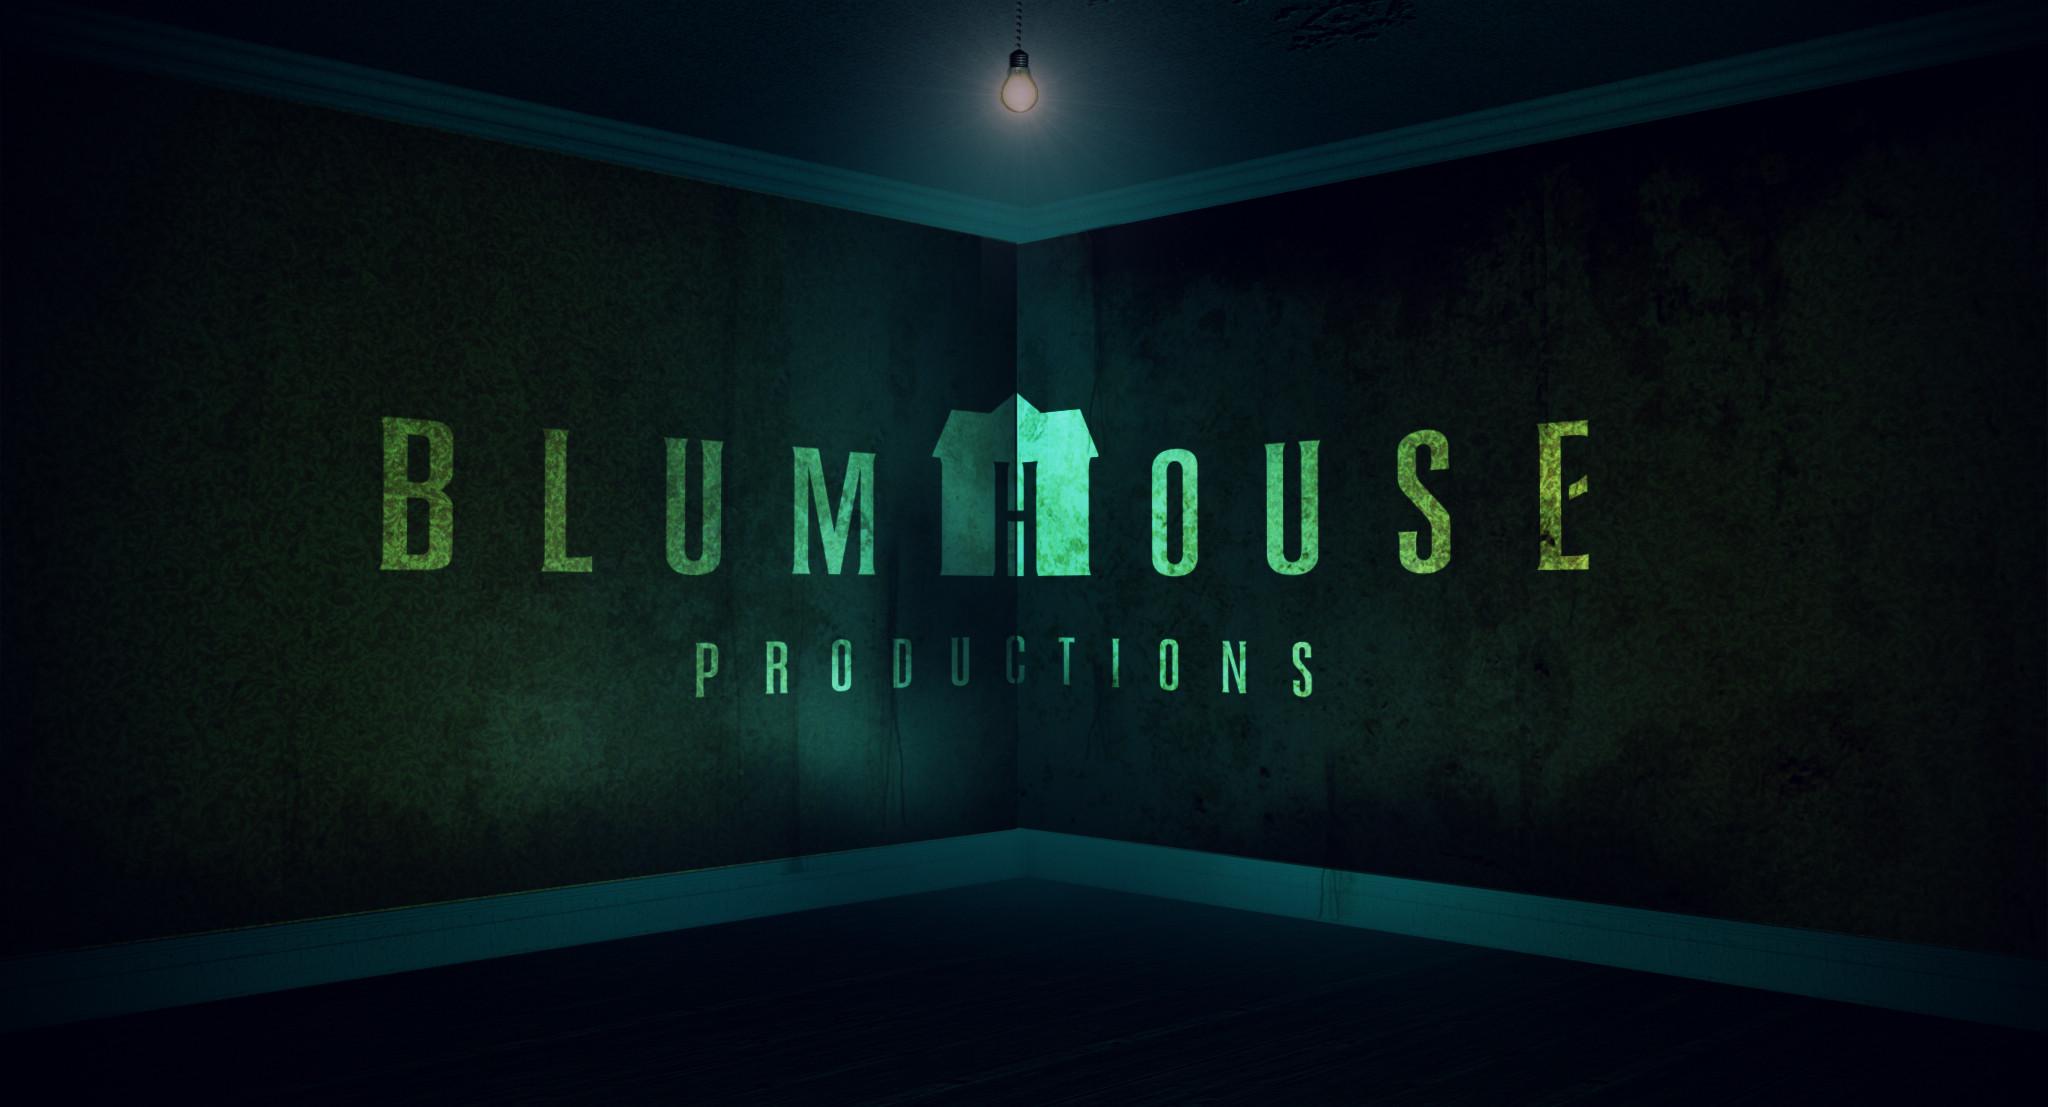 Jason-Blum-Blumhouse-Productions-Frankenstein-cinematown.it_